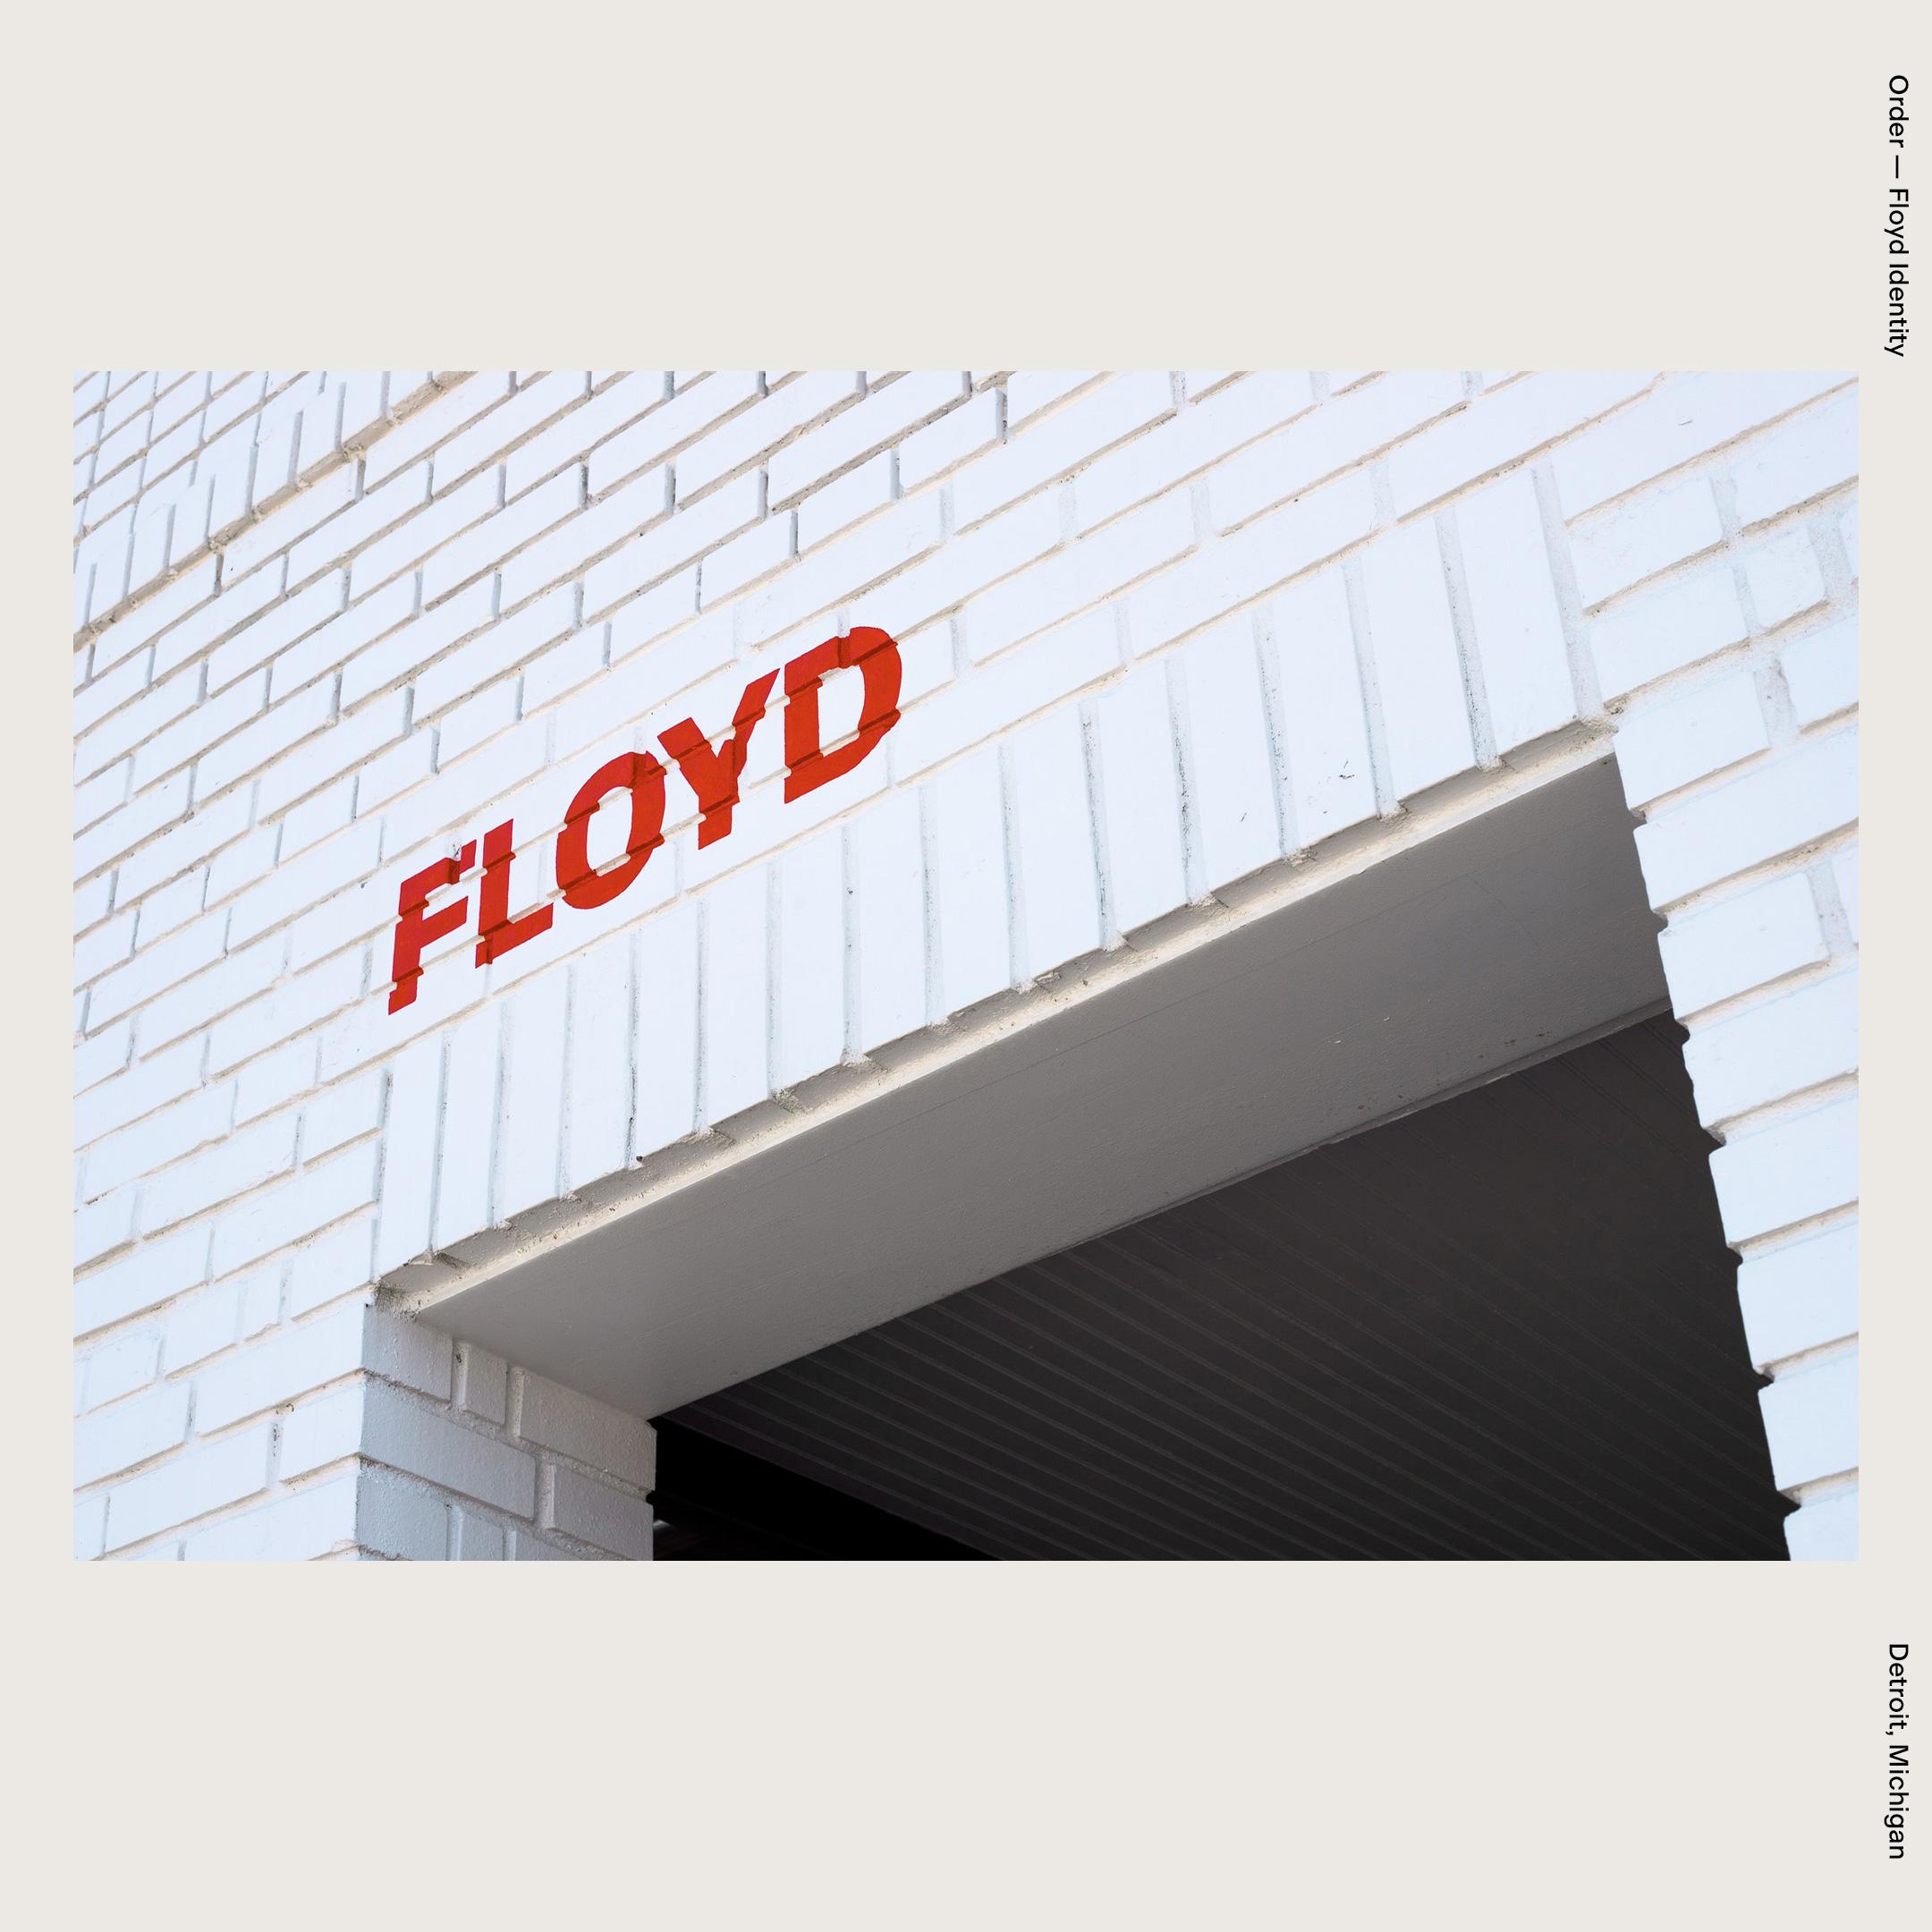 Order — Floyd Identity